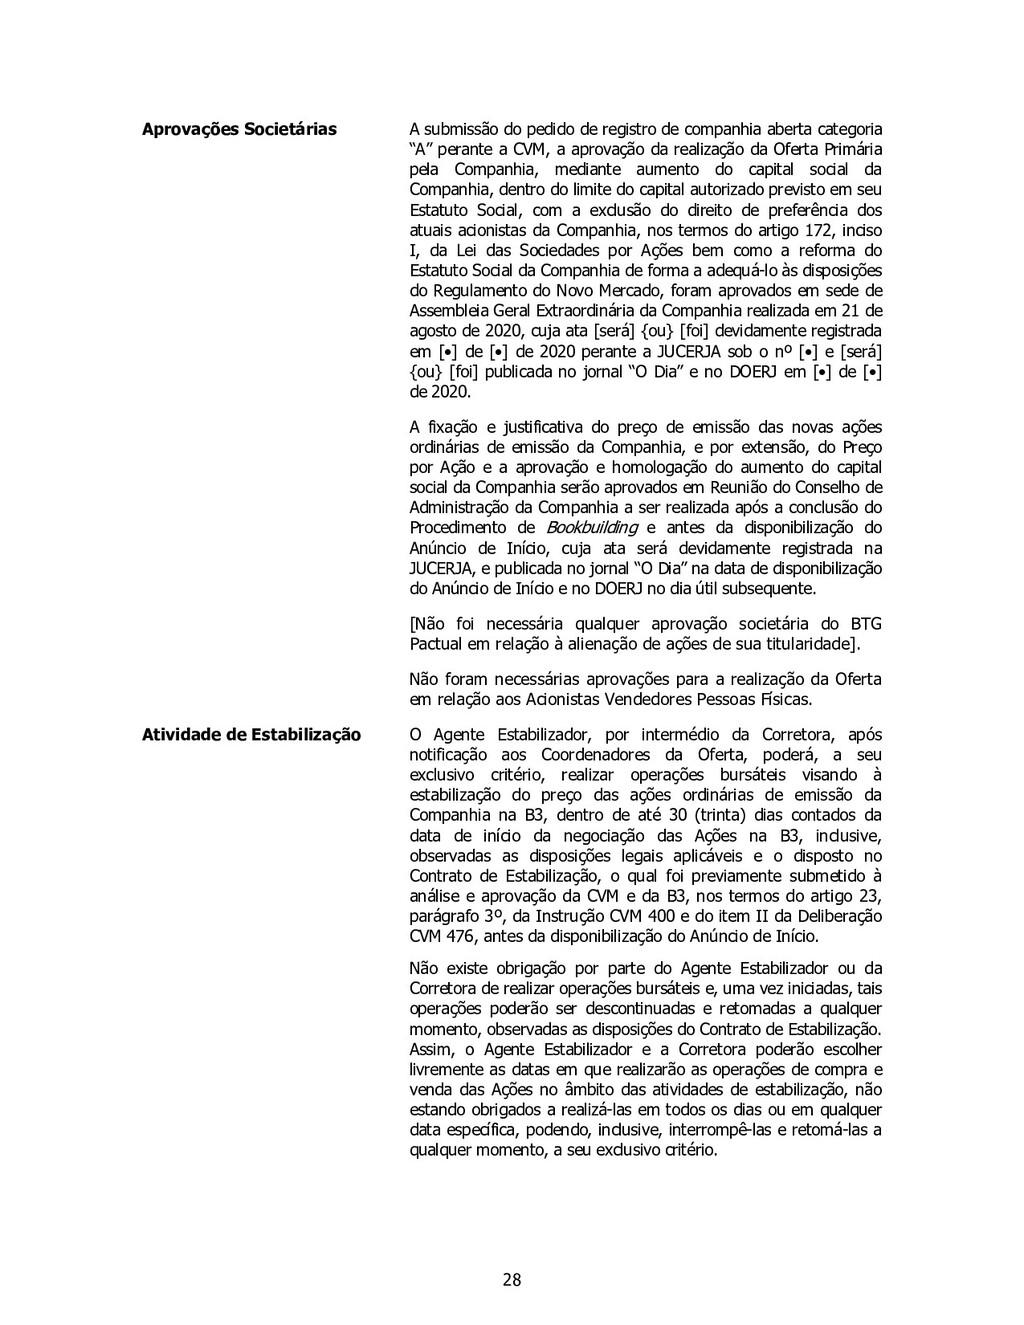 28 Aprovações Societárias A submissão do pedido...